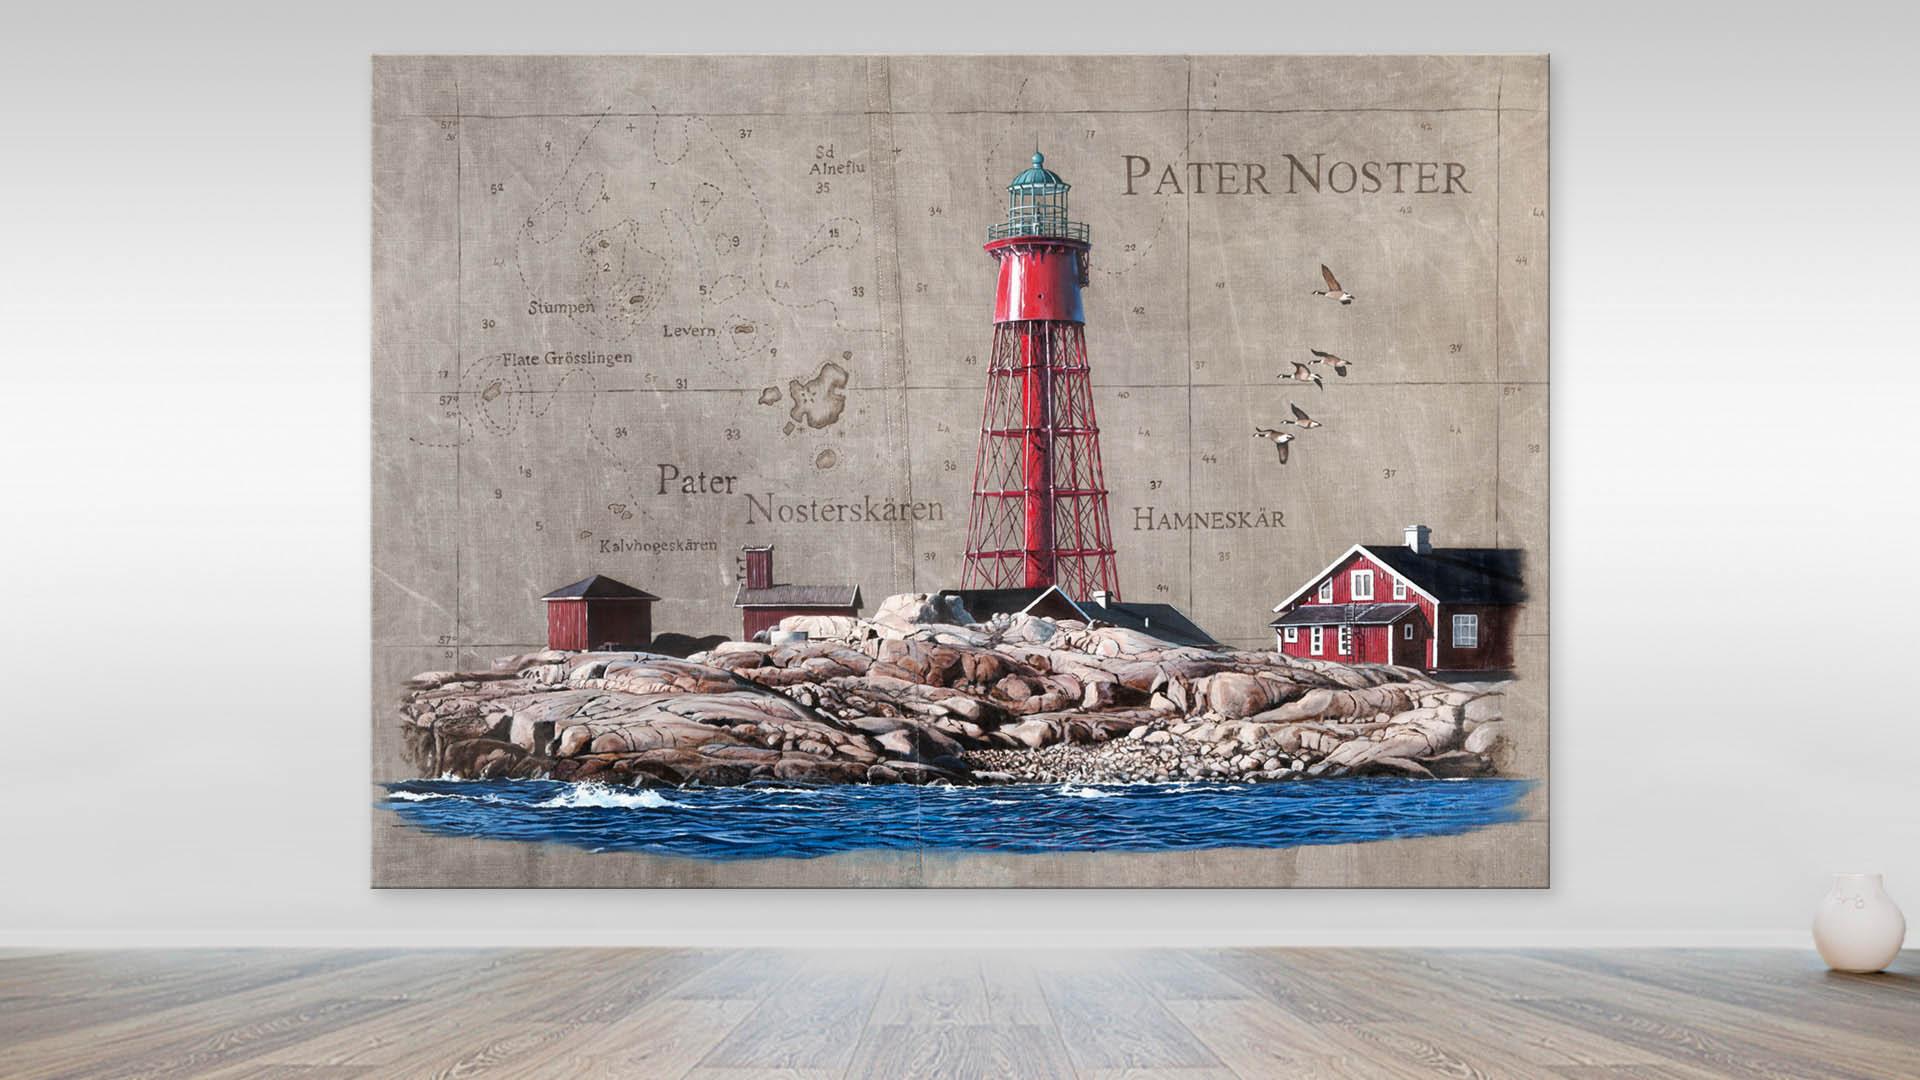 Pater Noster, Marstrand